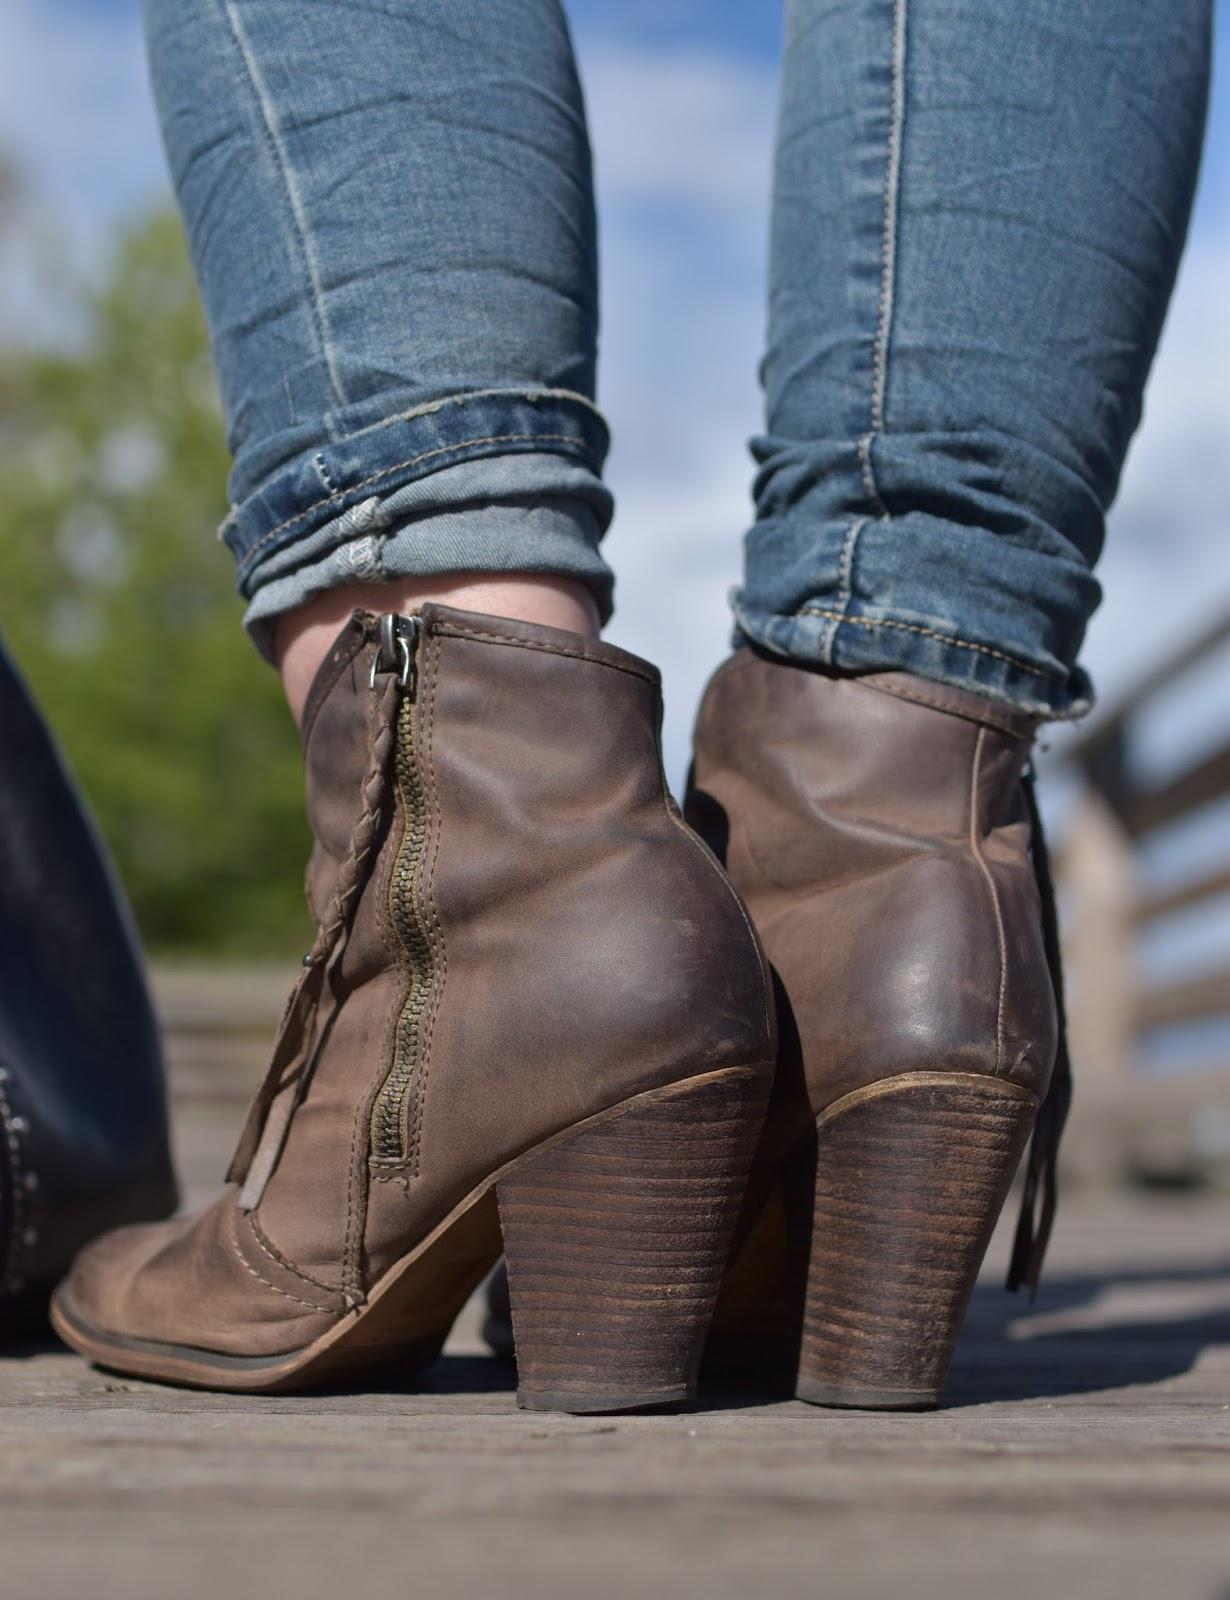 skinny jeans, Aldo western-inspired booties